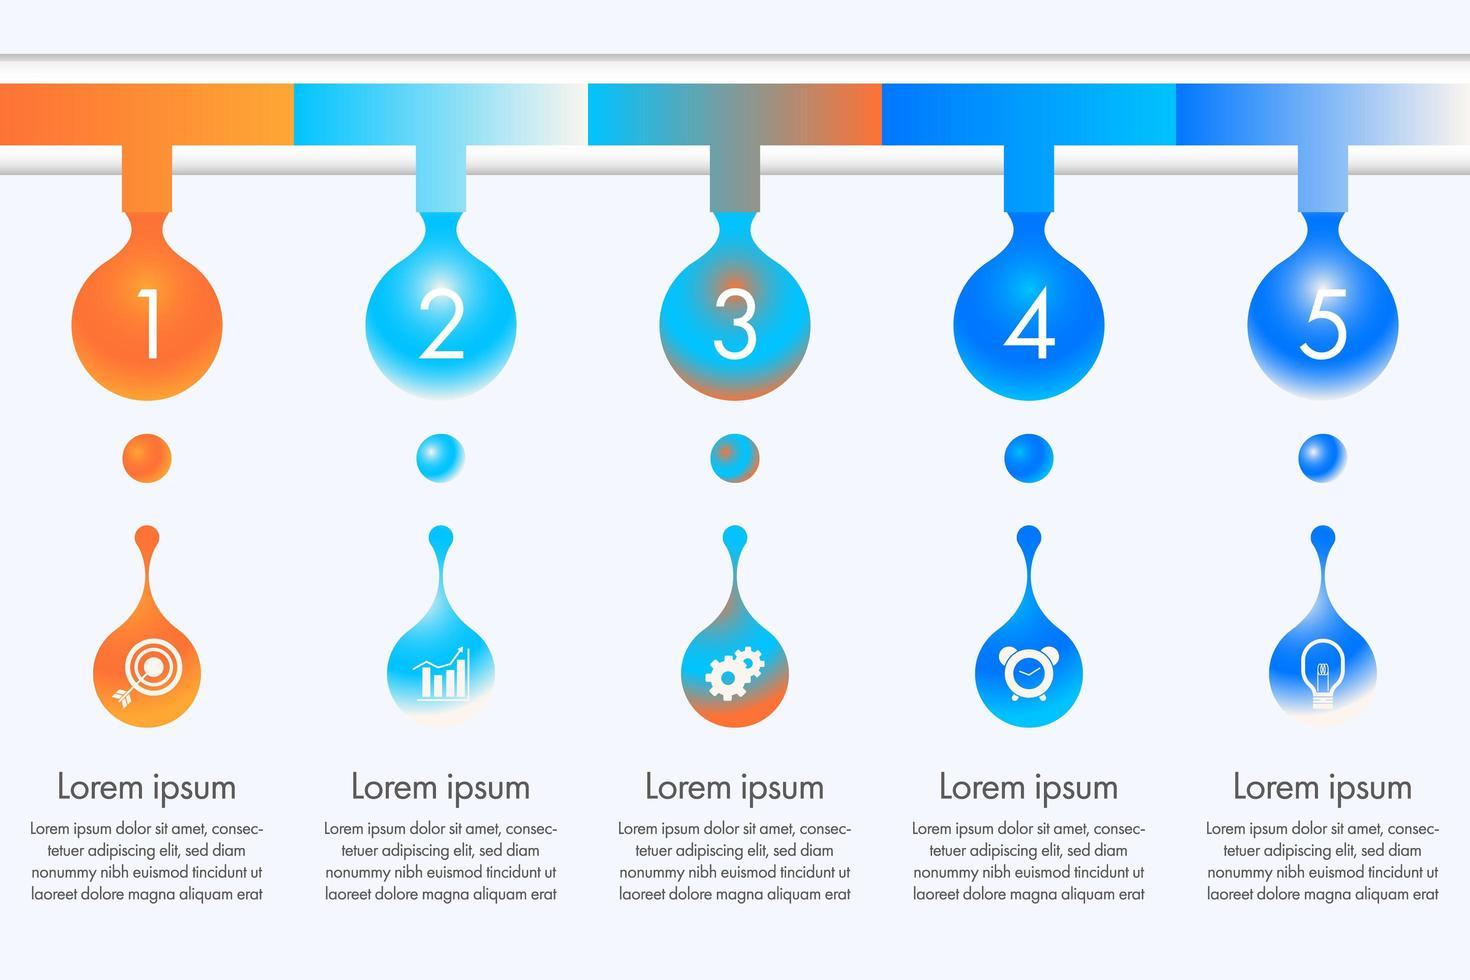 kleurrijke waterdruppel infographic vector